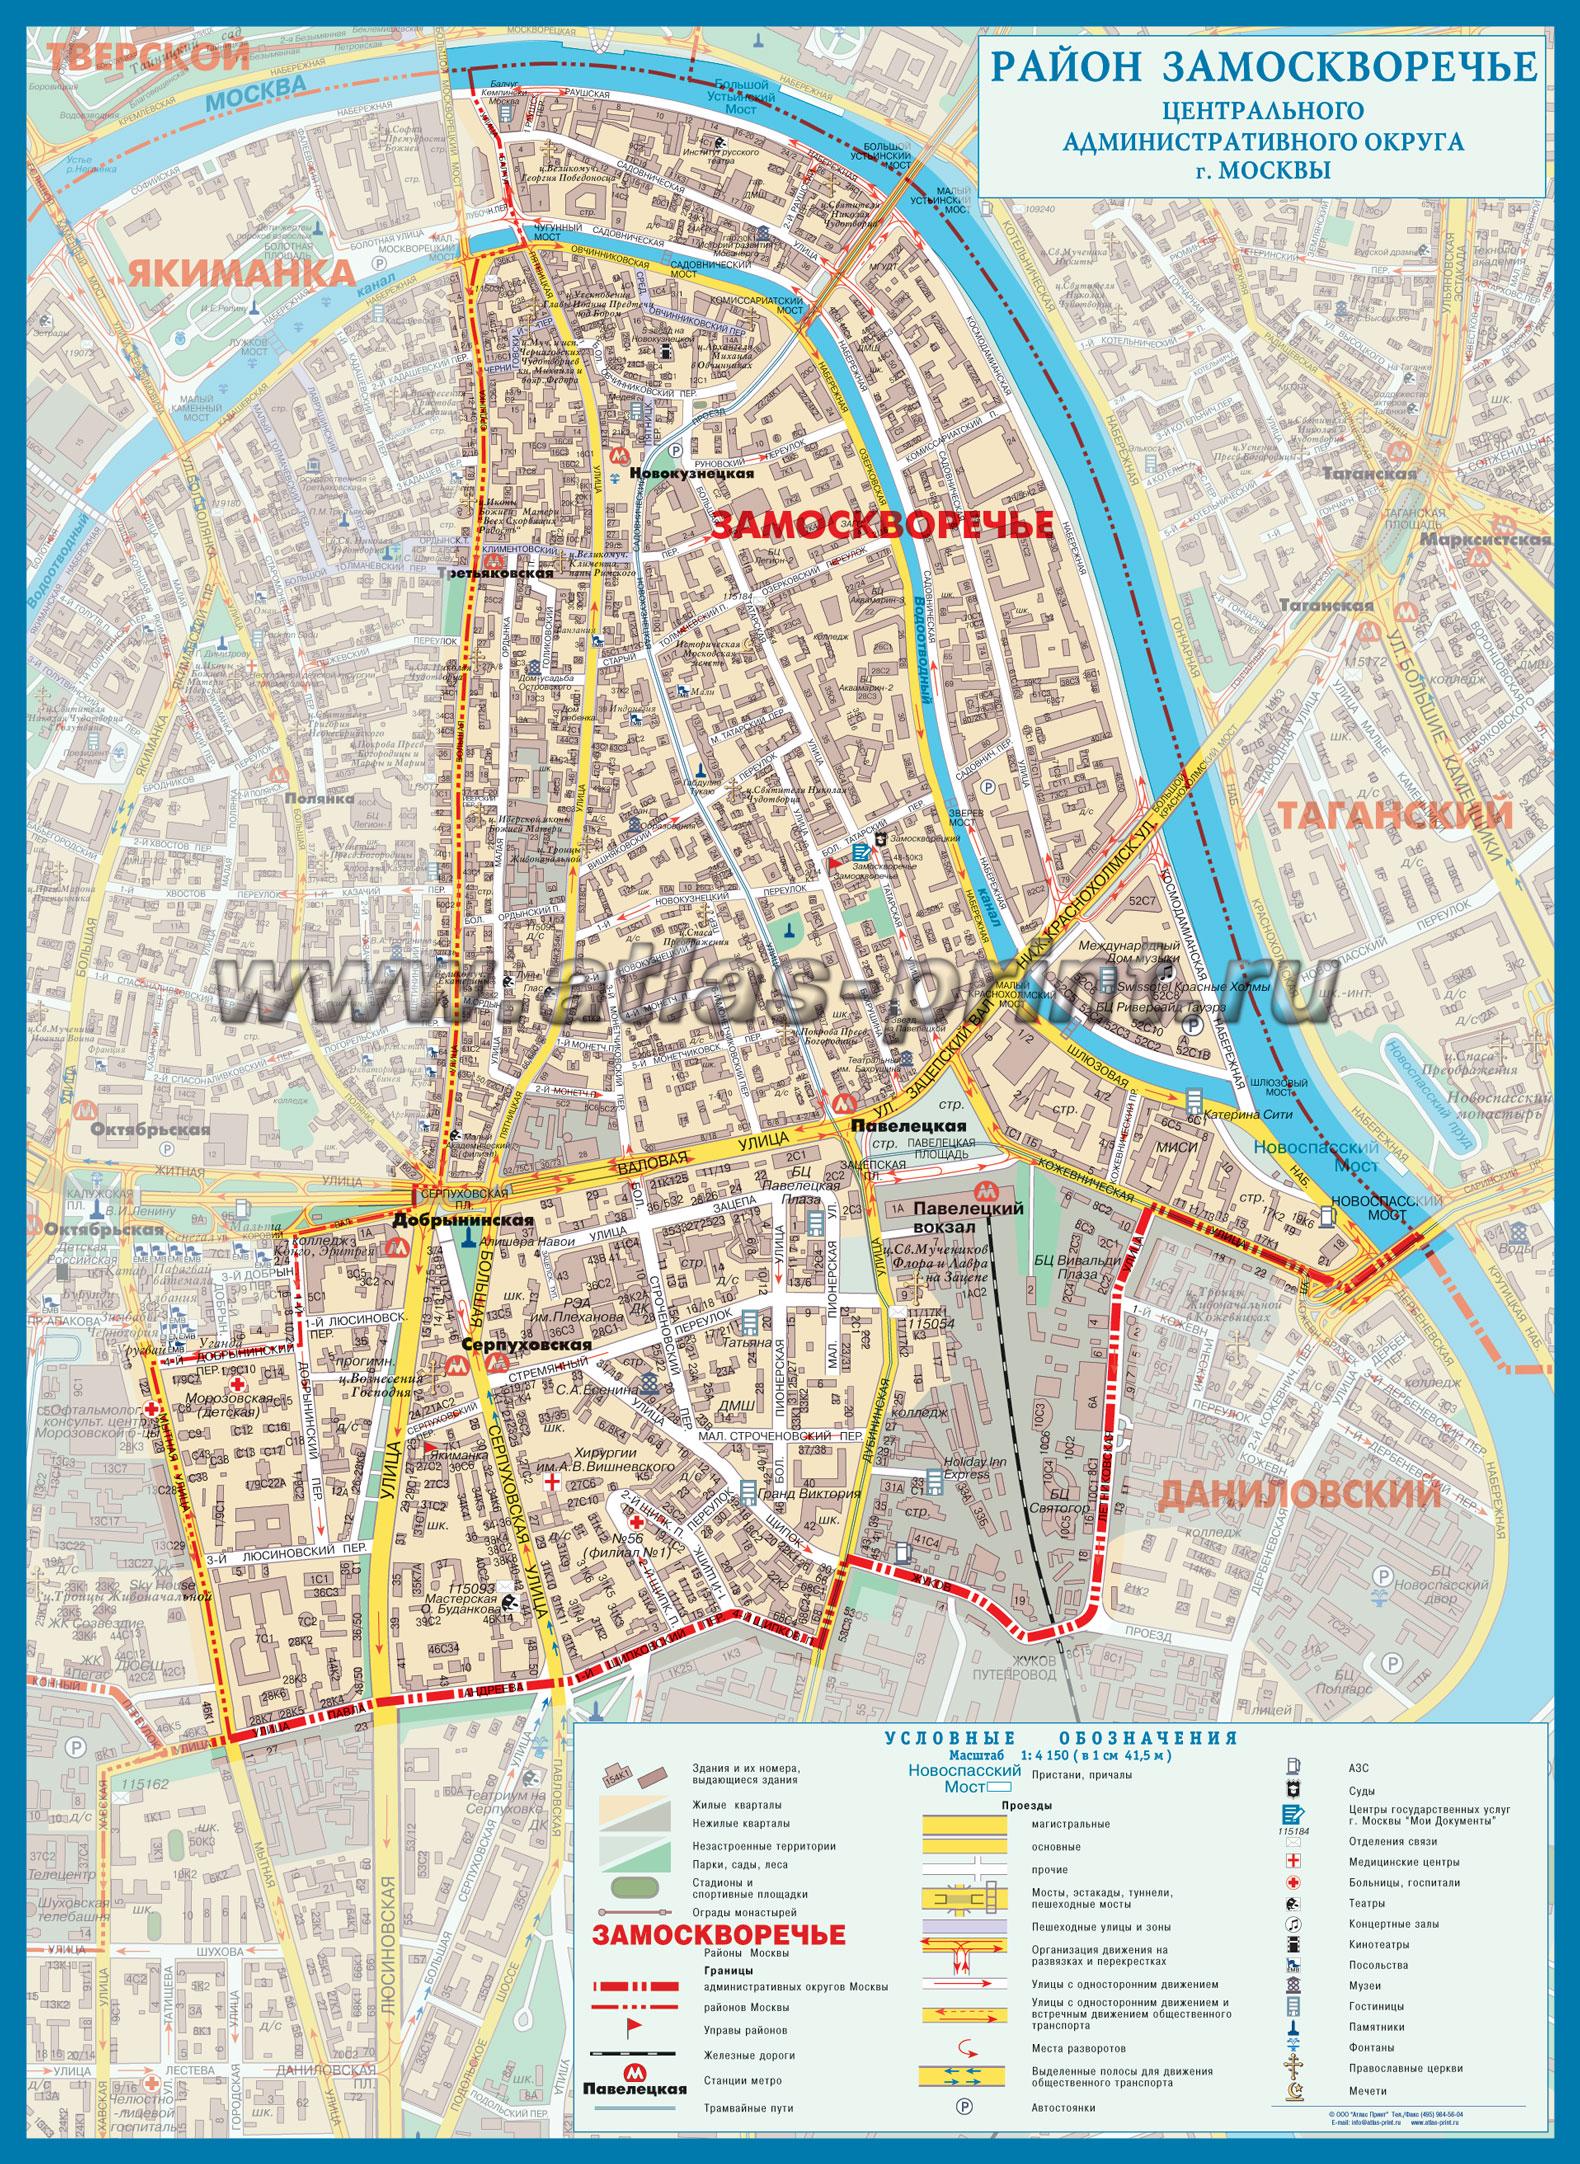 Настенная карта района Замоскворечье г.Москвы 0,73*1,00 м, ламинированная